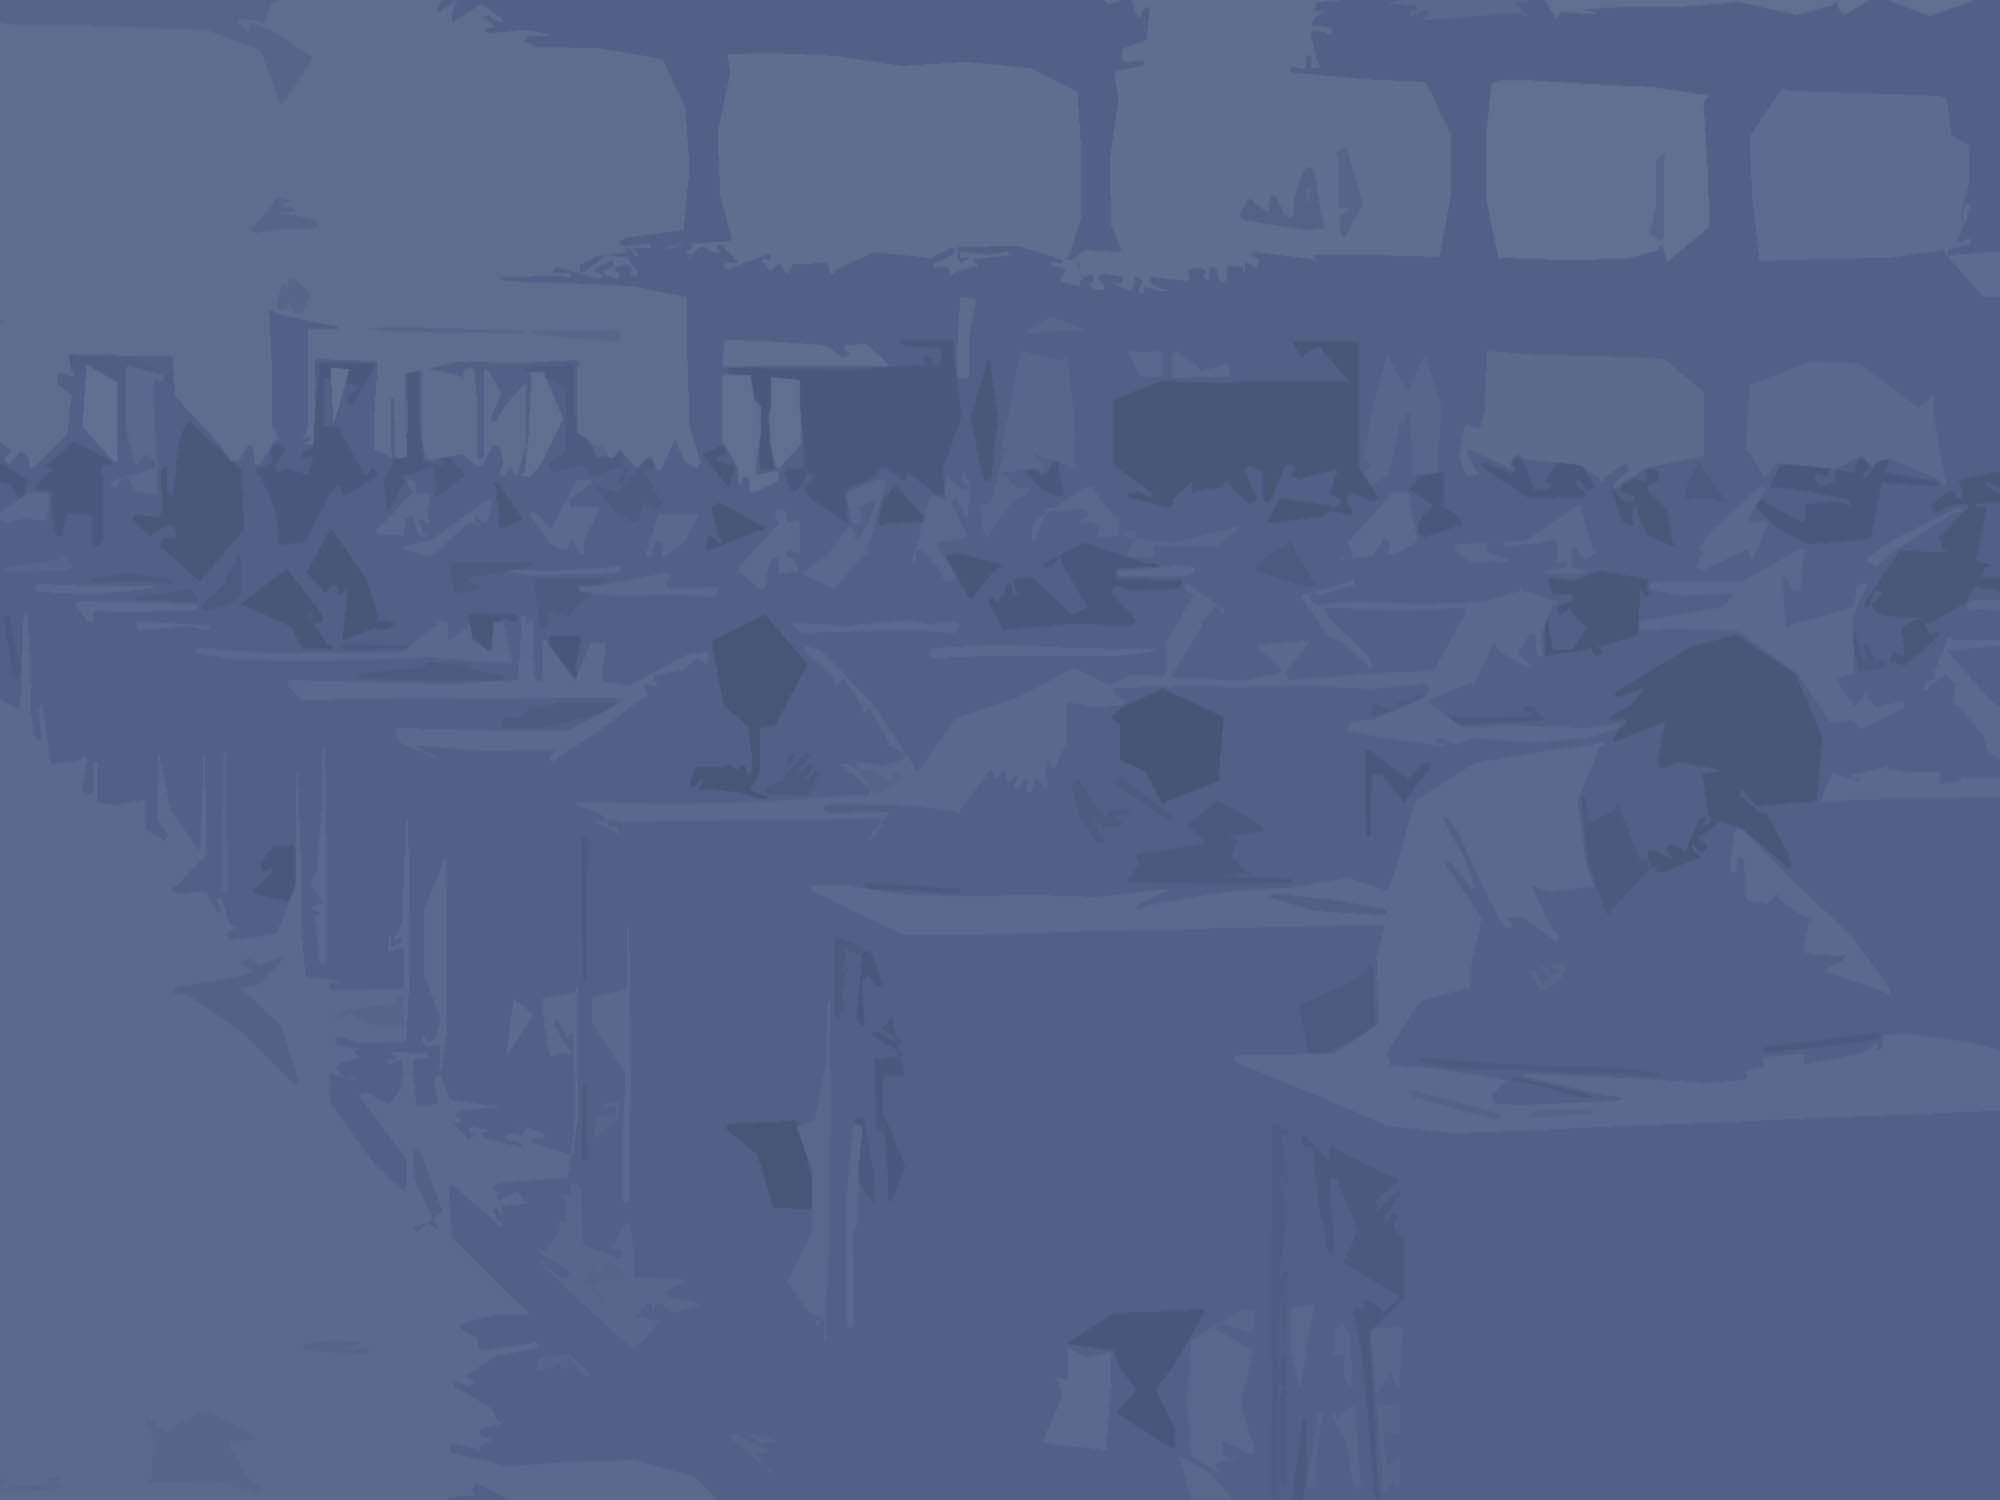 Журнал «Вестник», обыск до трусов и экзамены на свежем воздухе